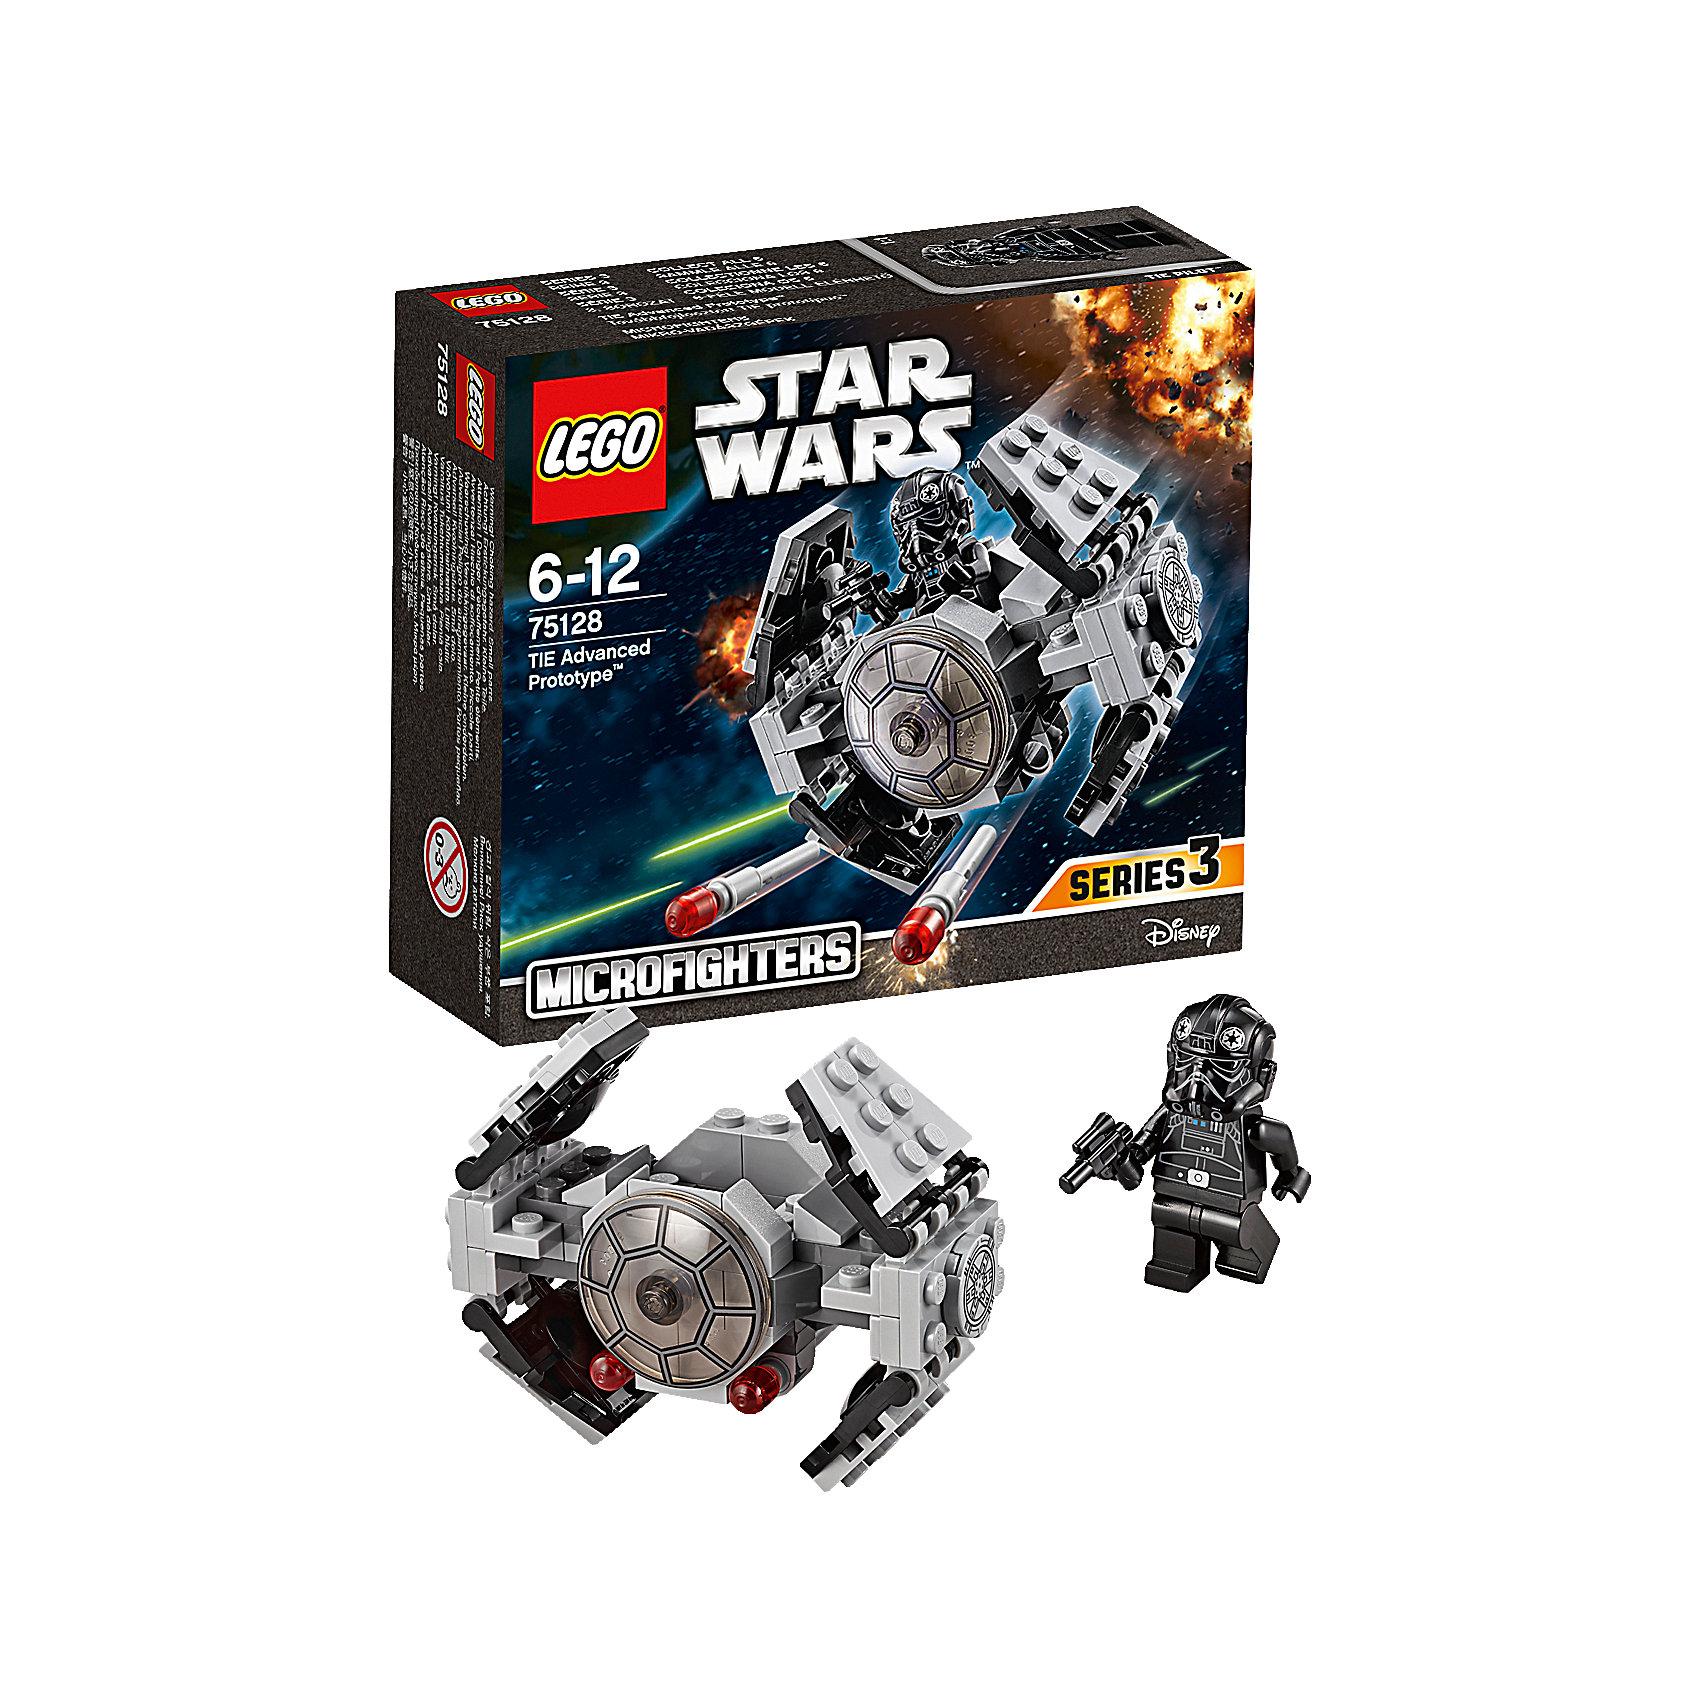 LEGO Star Wars 75128: Усовершенствованный прототип истребителя TIE™LEGO Star Wars (ЛЕГО Звездные войны) 75128: Усовершенствованный прототип истребителя TIE станет прекрасным подарком для всех поклонников знаменитой киносаги. Останови повстанцев с помощью усовершенствованного прототипа истребителя TIE, разверни крылья и заряди ракеты! Посади пилота в кабину и приготовься к захватывающему путешествию по галактике. Модель ЛЕГО прекрасно детализирована, состоит из серых и черных деталей. Спереди на носу корабля прозрачное стекло, две пушки выстреливают ракетками при щелчке. Крылья истребителя могут менять форму, раскрываясь и складываясь. Внутрь корабля можно посадить входящую в комплект минифурку пилота.<br><br>Все конструкторы серии ЛЕГО Звездные войны созданы по мотивам знаменитой киносаги Звездные войны и воспроизводят самые популярные сюжеты и эпизоды фильма. В наборах представлены все основные средства вооружения и боевые единицы, задействованные в фильме.<br>Фантастические истребители, машины, роботы, оружие, фигурки персонажей выполнены очень реалистично, с высокой степенью детализации.<br><br>Дополнительная информация:<br><br>- Игра с конструктором LEGO (ЛЕГО) развивает мелкую моторику ребенка, фантазию и воображение, учит его усидчивости и внимательности.<br>- Количество деталей: 93.<br>- Количество минифигур: 1.<br>- Серия: LEGO Star Wars (ЛЕГО Звездные войны).<br>- Материал: пластик.<br>- Размеры модели при поднятых крыльях: 7 х 5 х 8 см.<br>- Размер упаковки: 14,5 х 5 х 12,5 см.<br>- Вес: 0,115 кг.<br><br>Конструктор LEGO Star Wars (ЛЕГО Звездные войны) 75128: Усовершенствованный прототип истребителя TIE можно купить в нашем интернет-магазине.<br><br>Ширина мм: 144<br>Глубина мм: 121<br>Высота мм: 48<br>Вес г: 94<br>Возраст от месяцев: 72<br>Возраст до месяцев: 144<br>Пол: Мужской<br>Возраст: Детский<br>SKU: 4259013